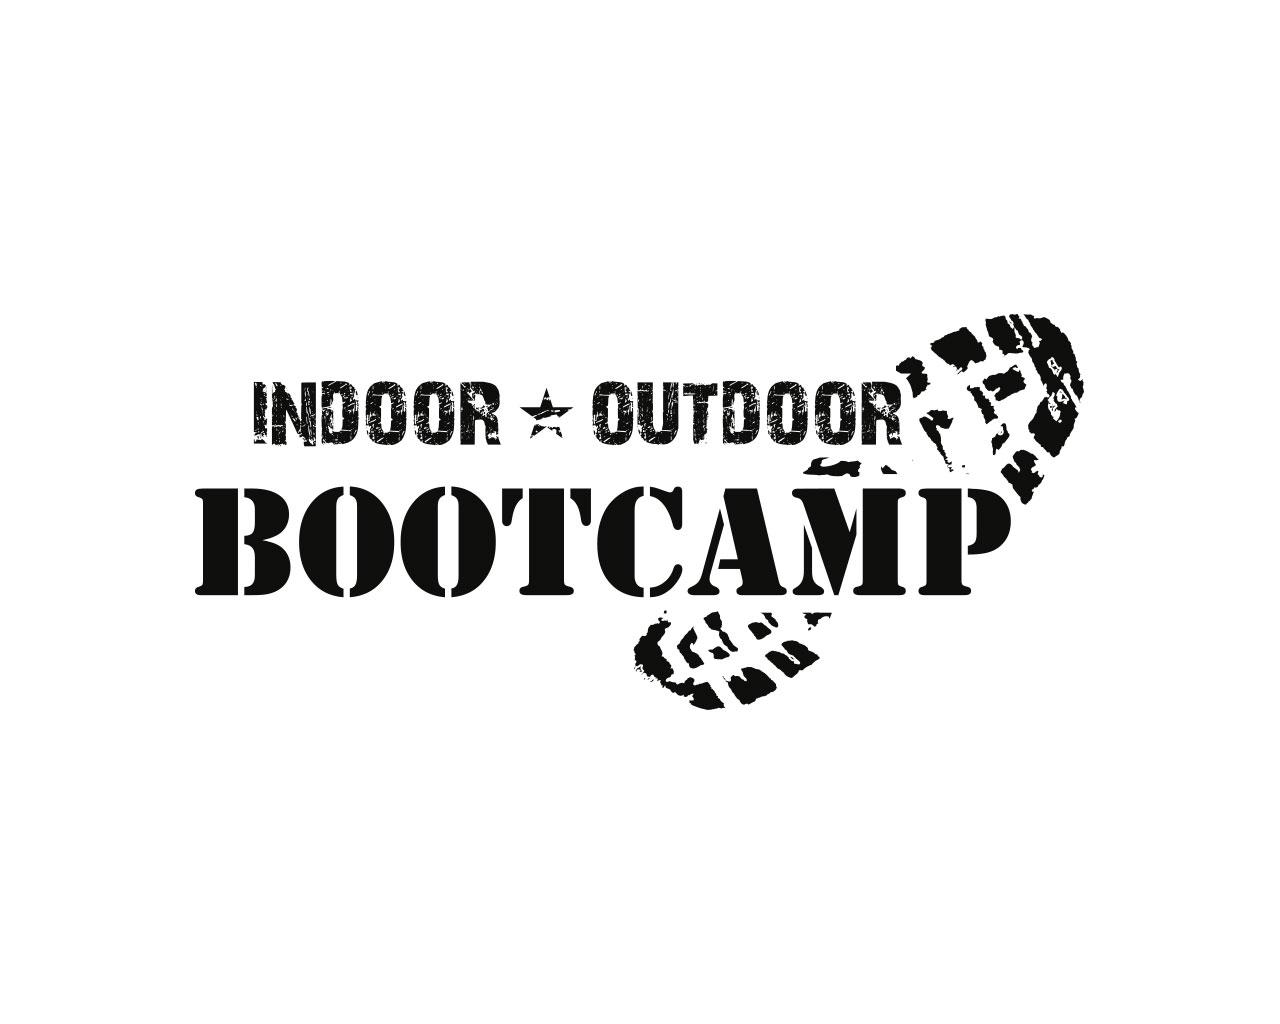 logo indoor outdoor bootcamp